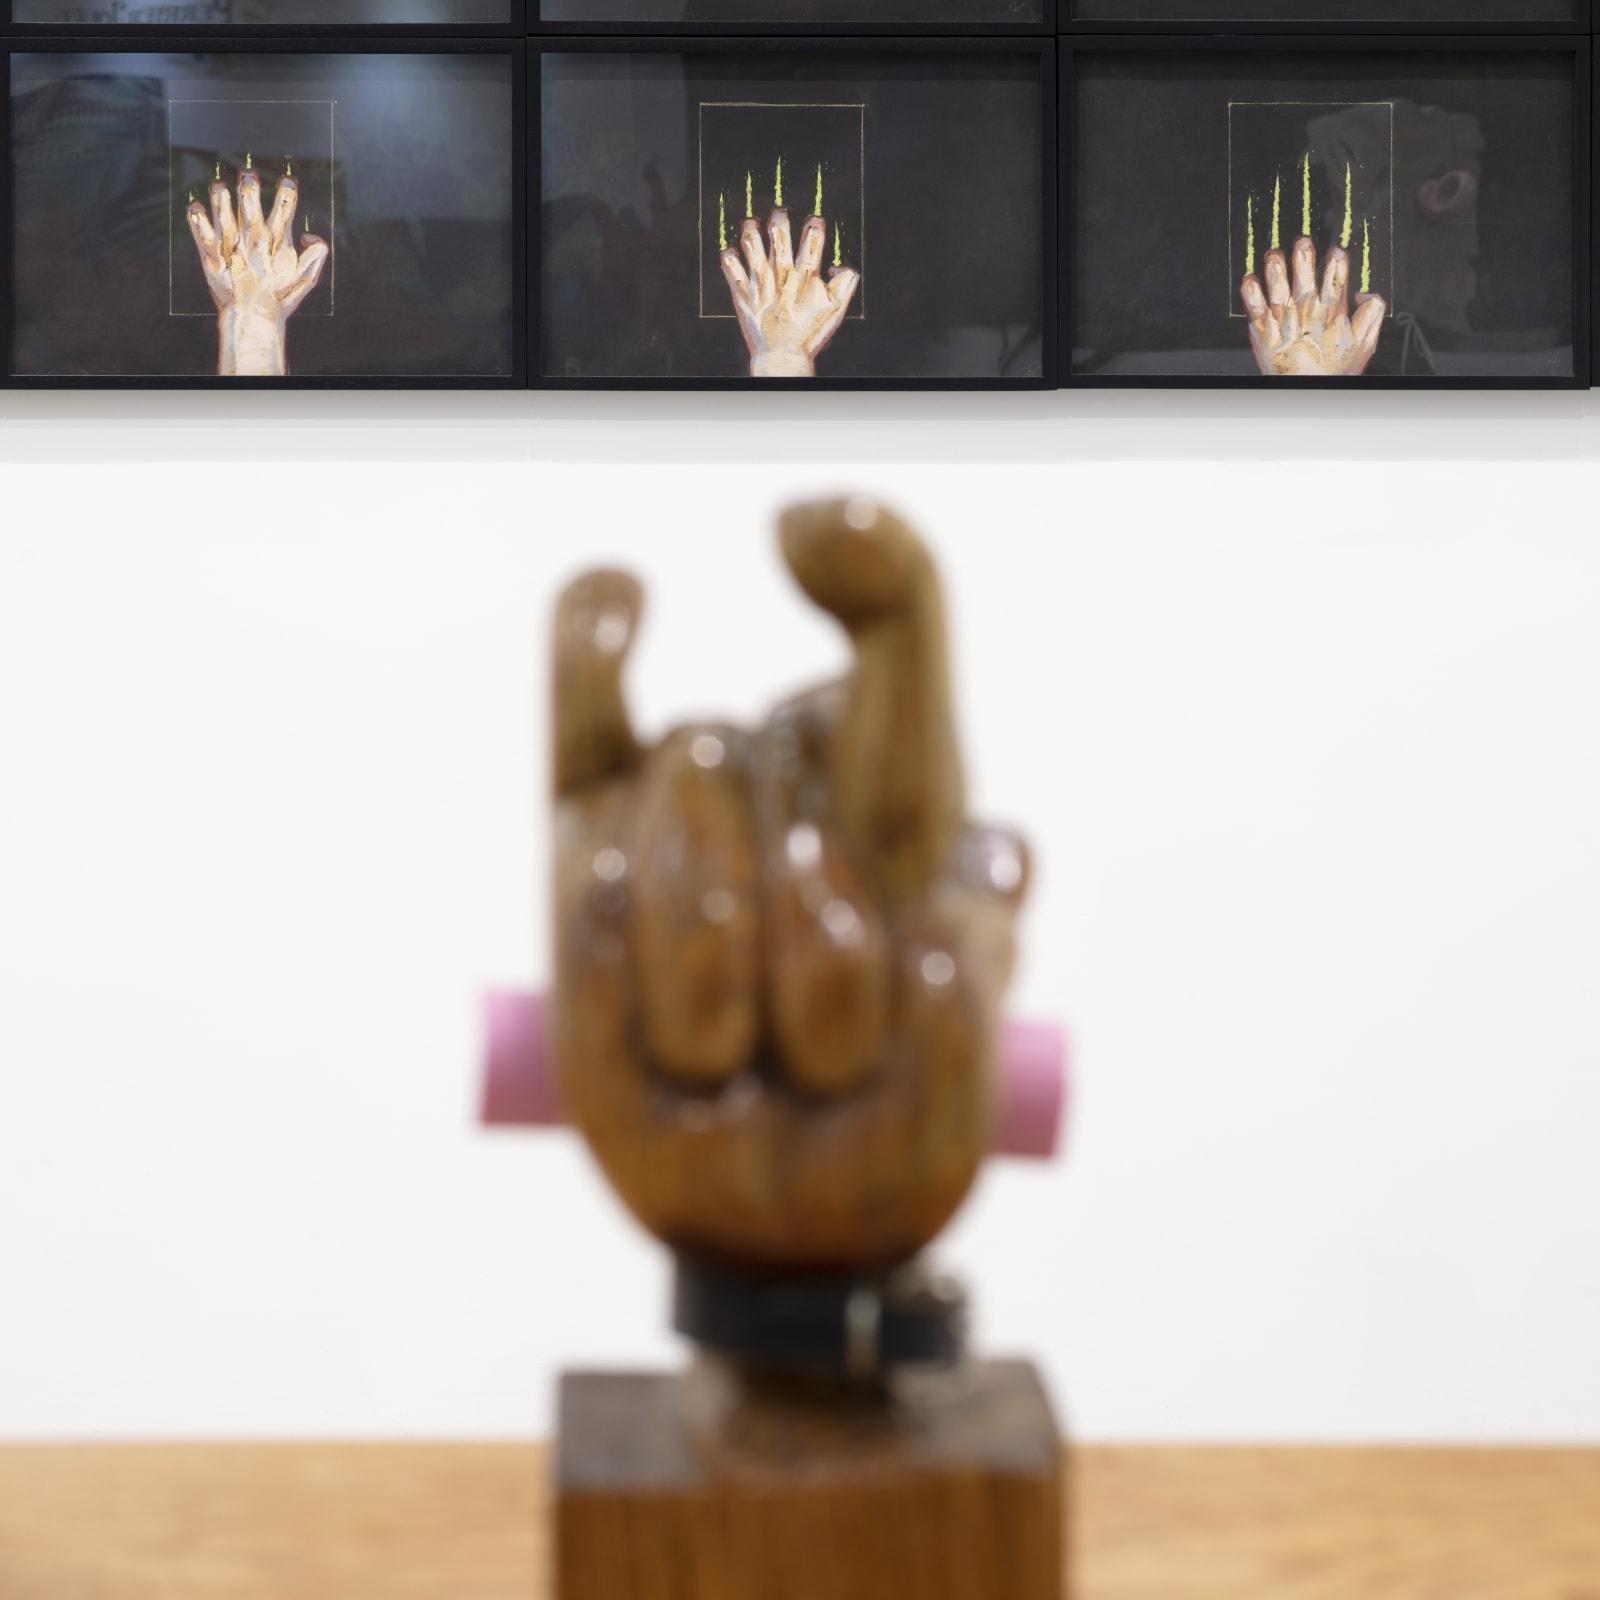 installation view 博览会现场